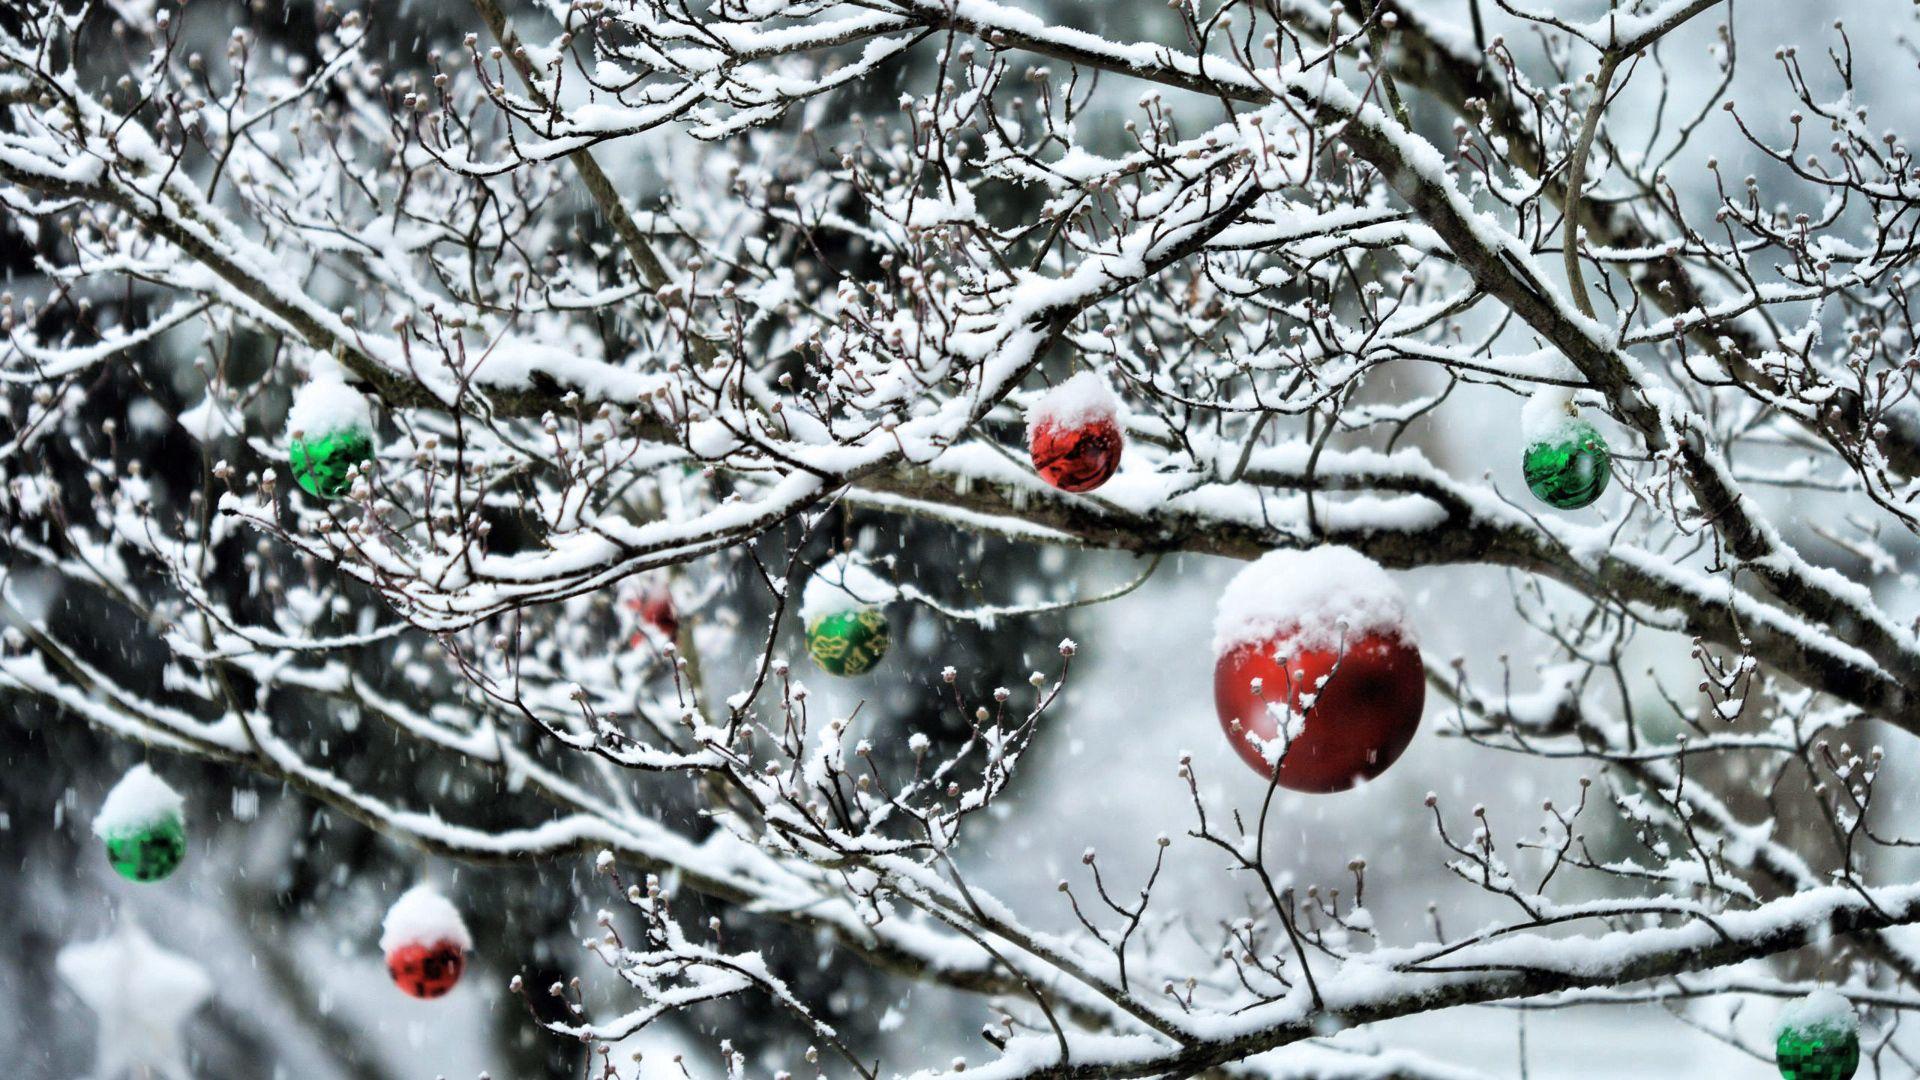 136807 Salvapantallas y fondos de pantalla Año Nuevo en tu teléfono. Descarga imágenes de Vacaciones, Pelotas, Bolas, Sucursales, Ramas, Año Nuevo, Nieve gratis